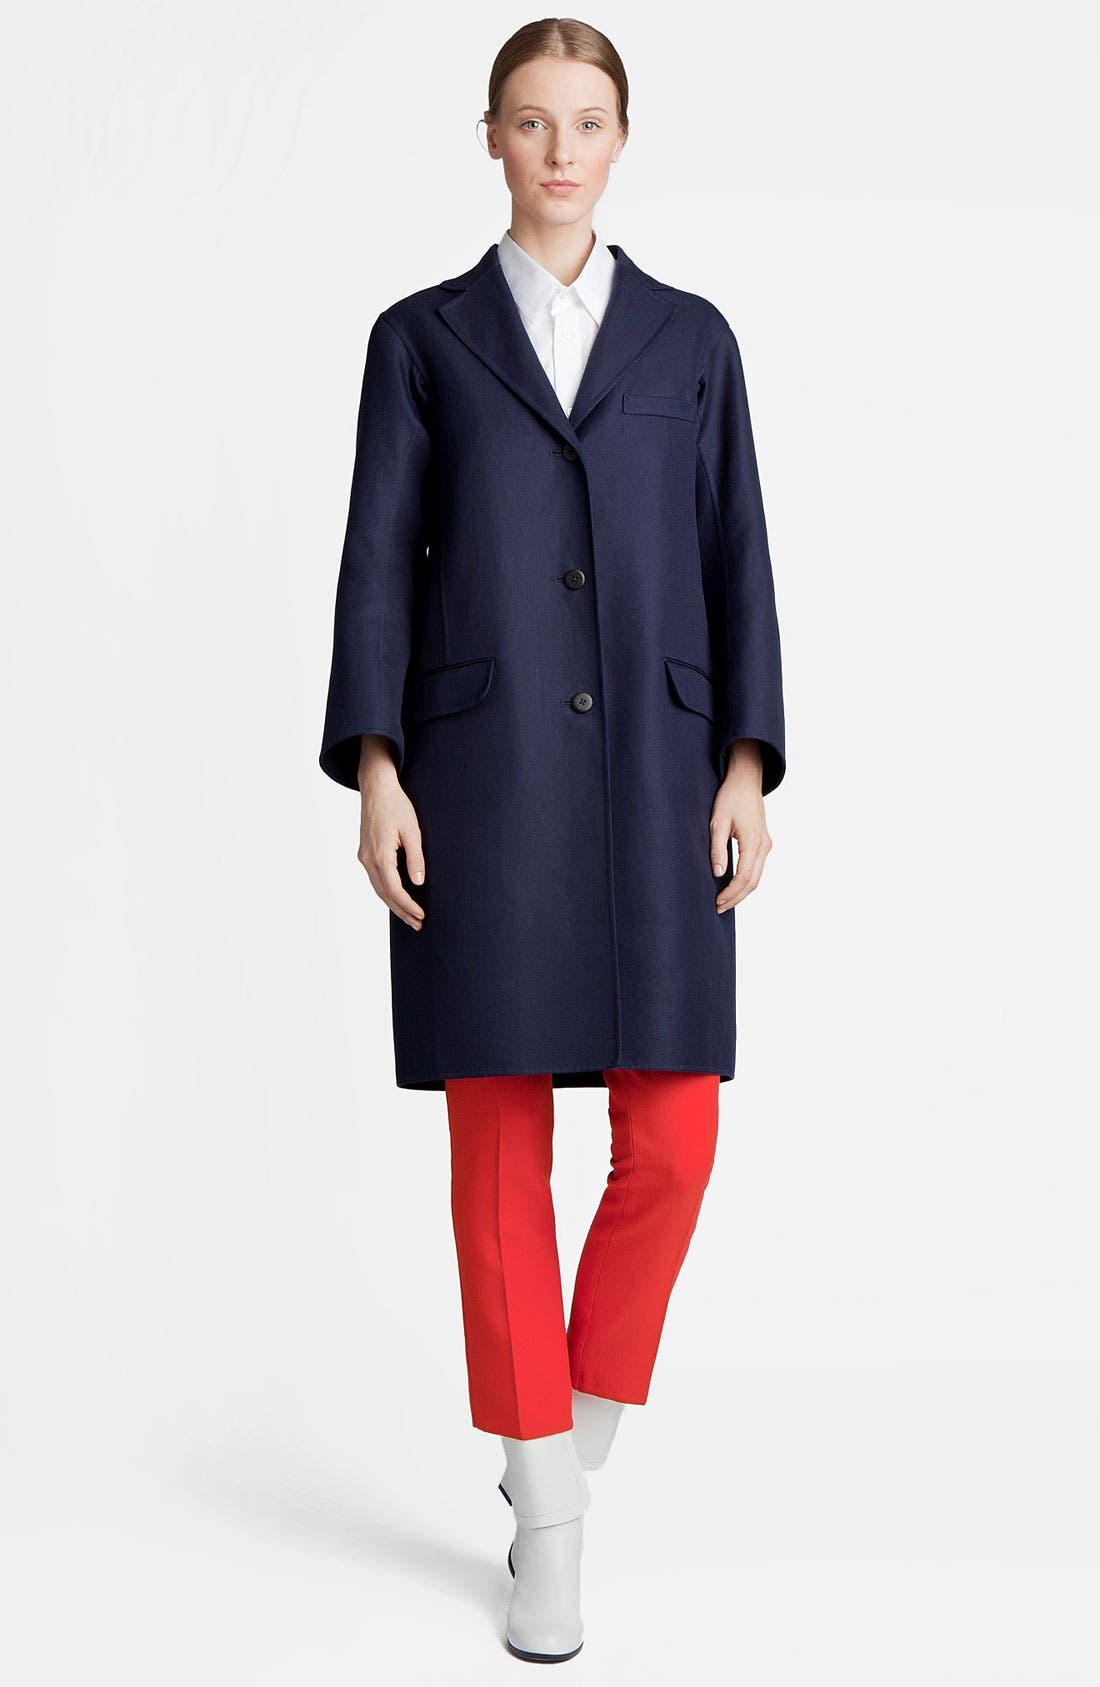 Alternate Image 1 Selected - Jil Sander Coat, Shirt & Pants